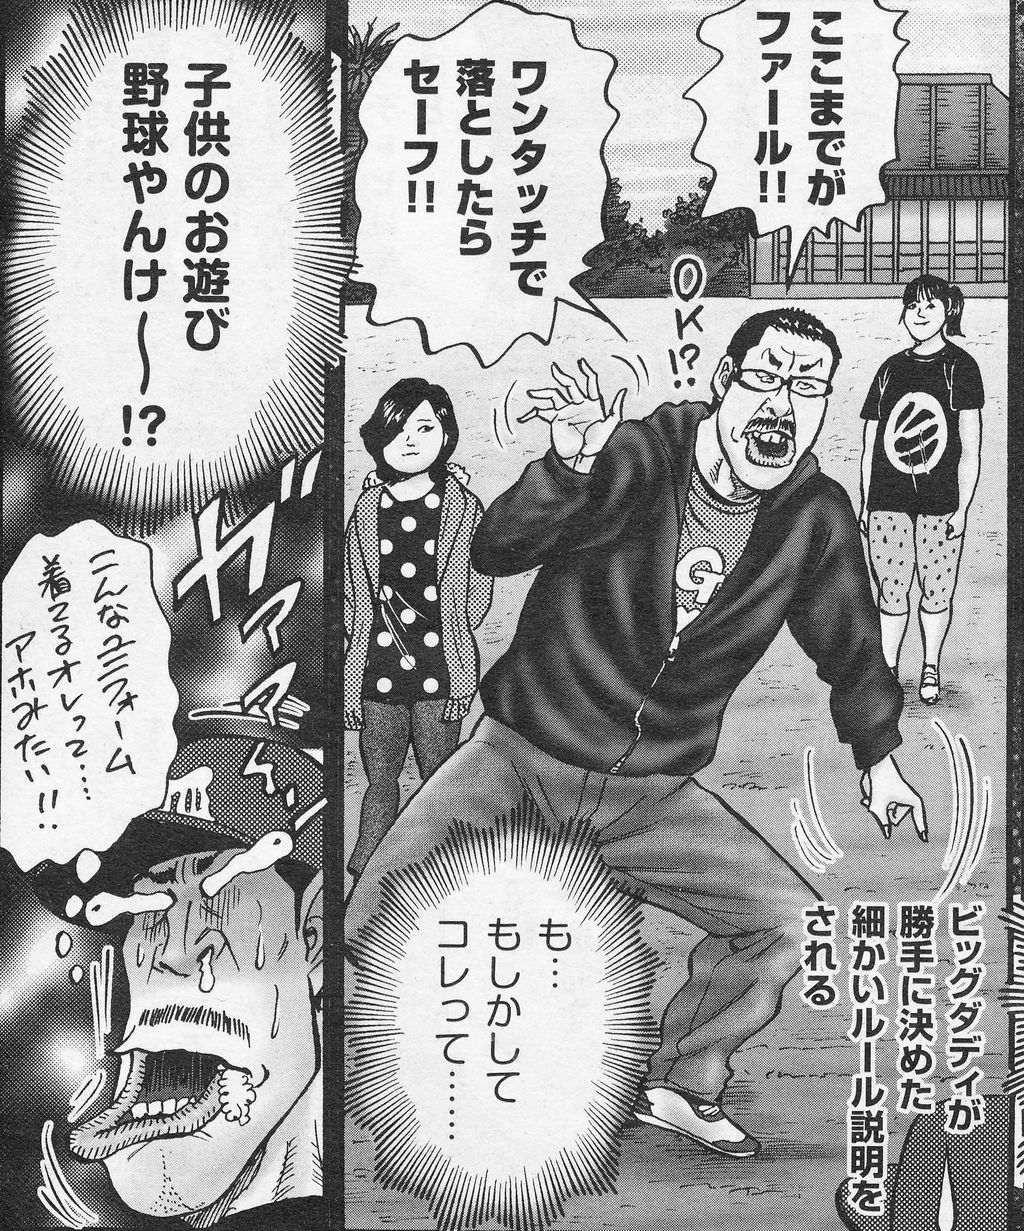 三つの大家族取材 4 : 漫画家 桜壱バーゲン(櫻井稔文)のブログ